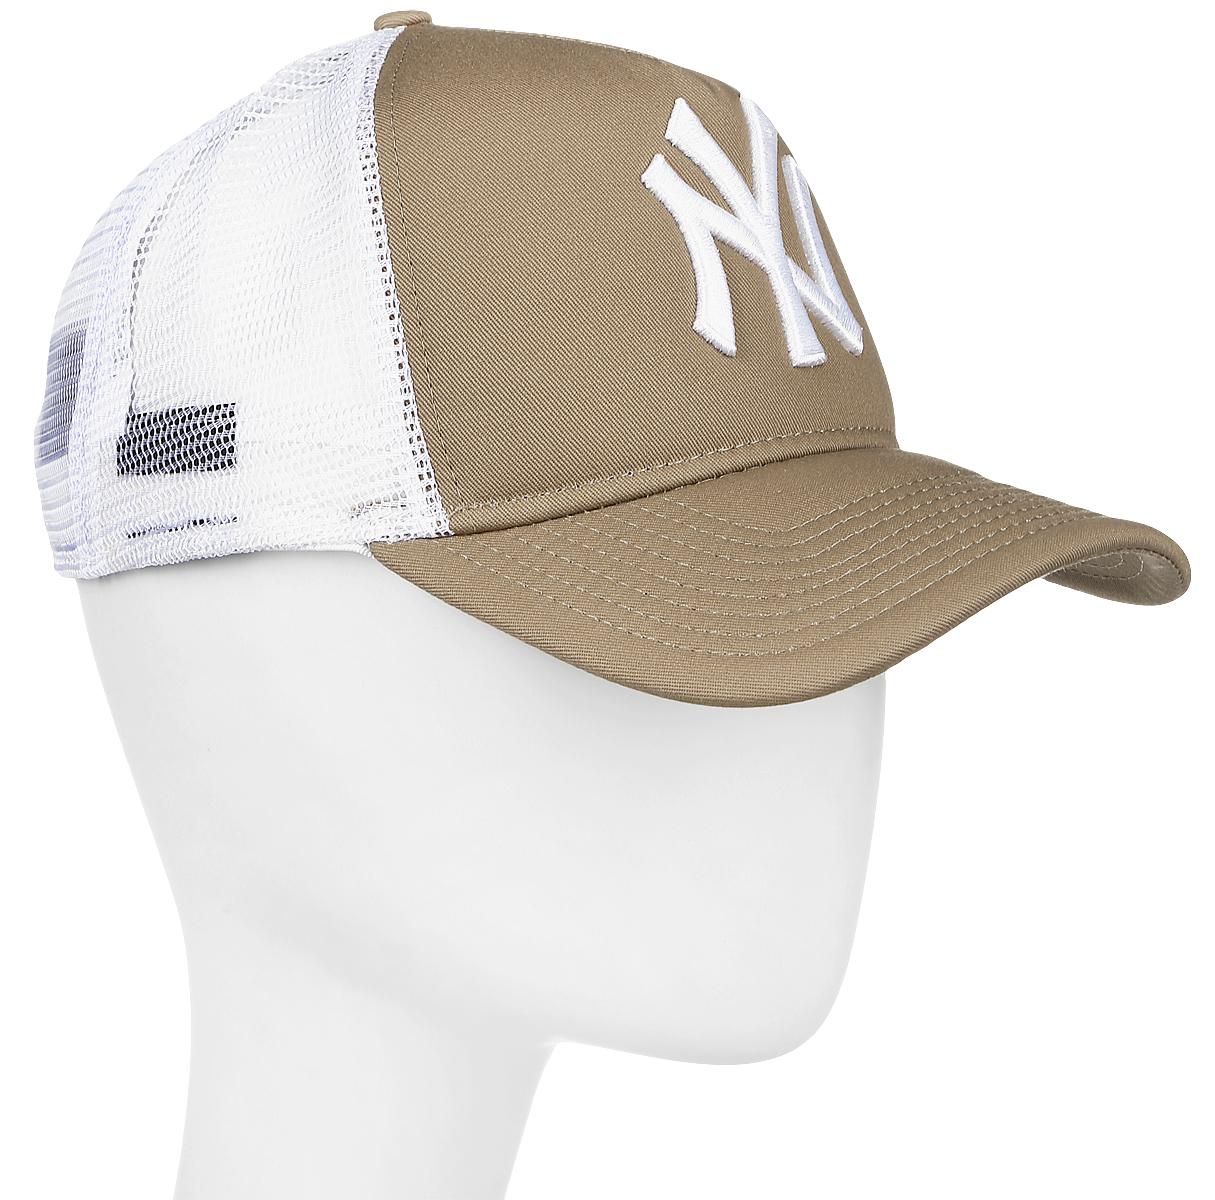 Бейсболка New Era Mlb Clean Trucker, цвет: темно-бежевый. 11379802-KHI. Размер универсальный11379802-KHIМодная бейсболка New Era, выполненная из высококачественного материала, идеально подойдет для прогулок, занятий спортом и отдыха.Изделие оформлено объемным вышитым логотипом знаменитой бейсбольной команды New York Yankees и логотипом бренда New Era, сзади купол кепки исполнен из сетки для большей воздухопроницаемости.Бейсболка надежно защитит вас от солнца и ветра. Эта модель станет отличным аксессуаром и дополнит ваш повседневный образ.